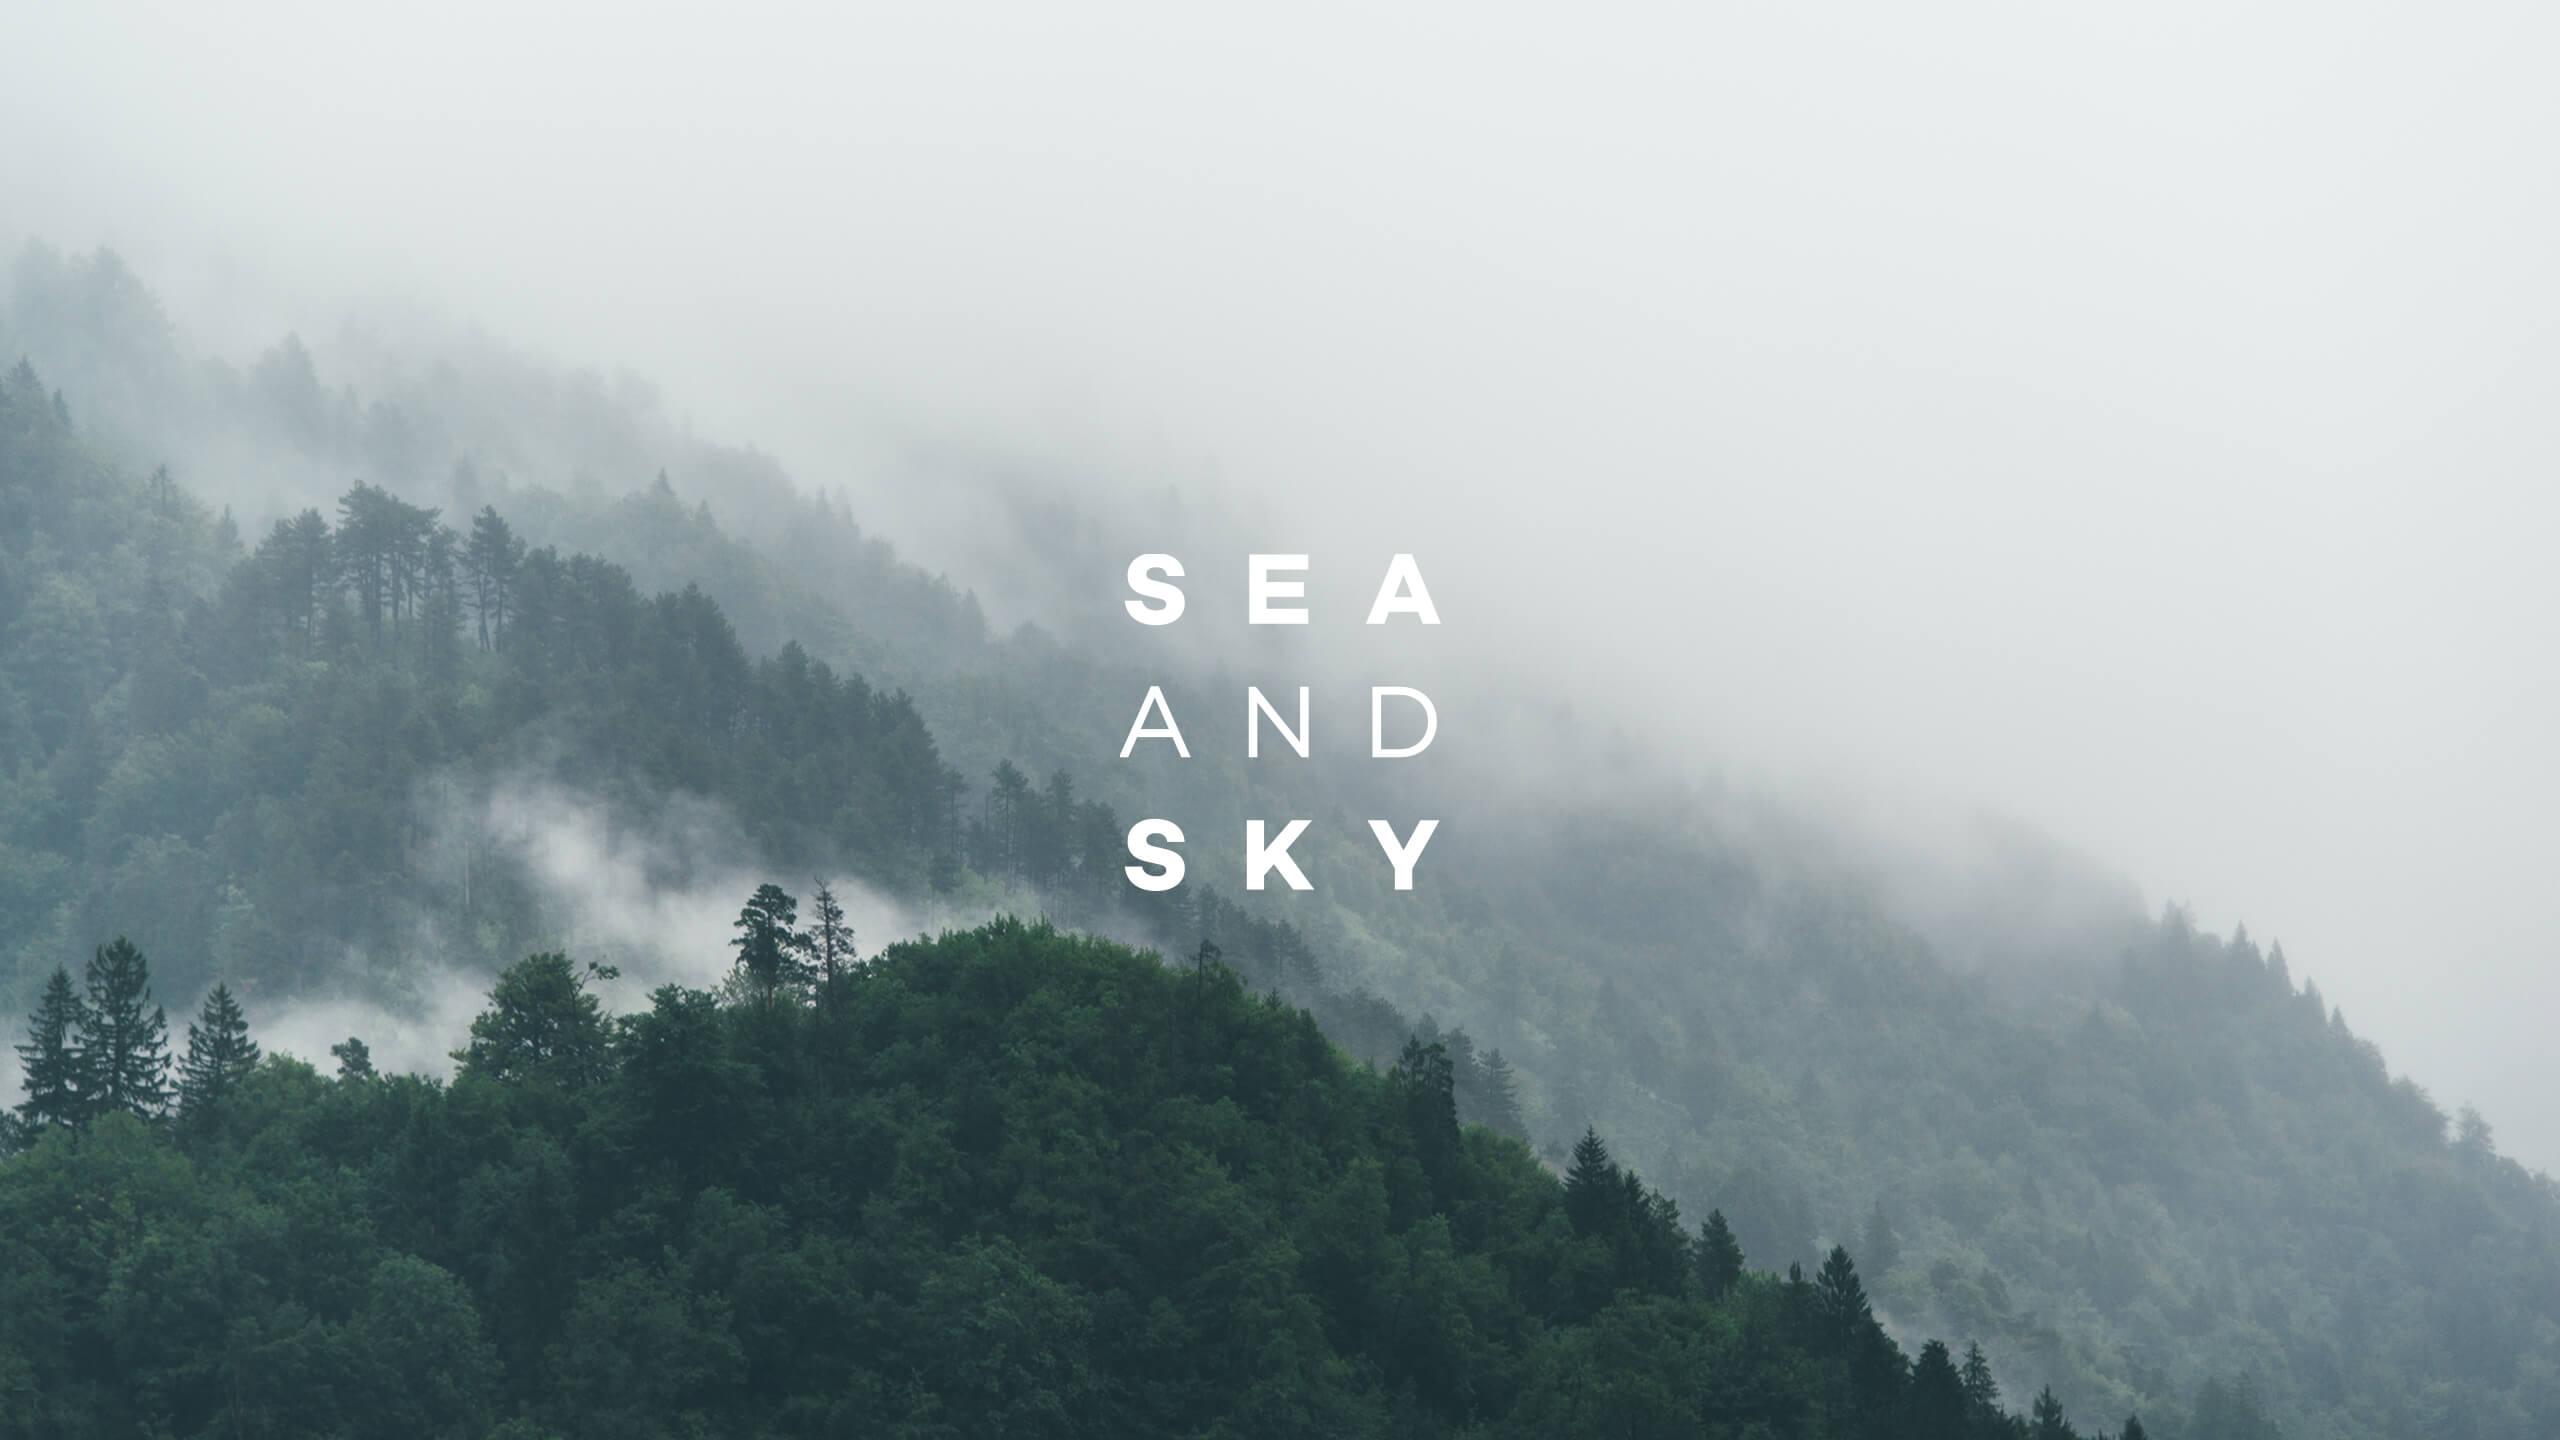 Logo_SeaAndSky_Bosa_Header-Image_MR